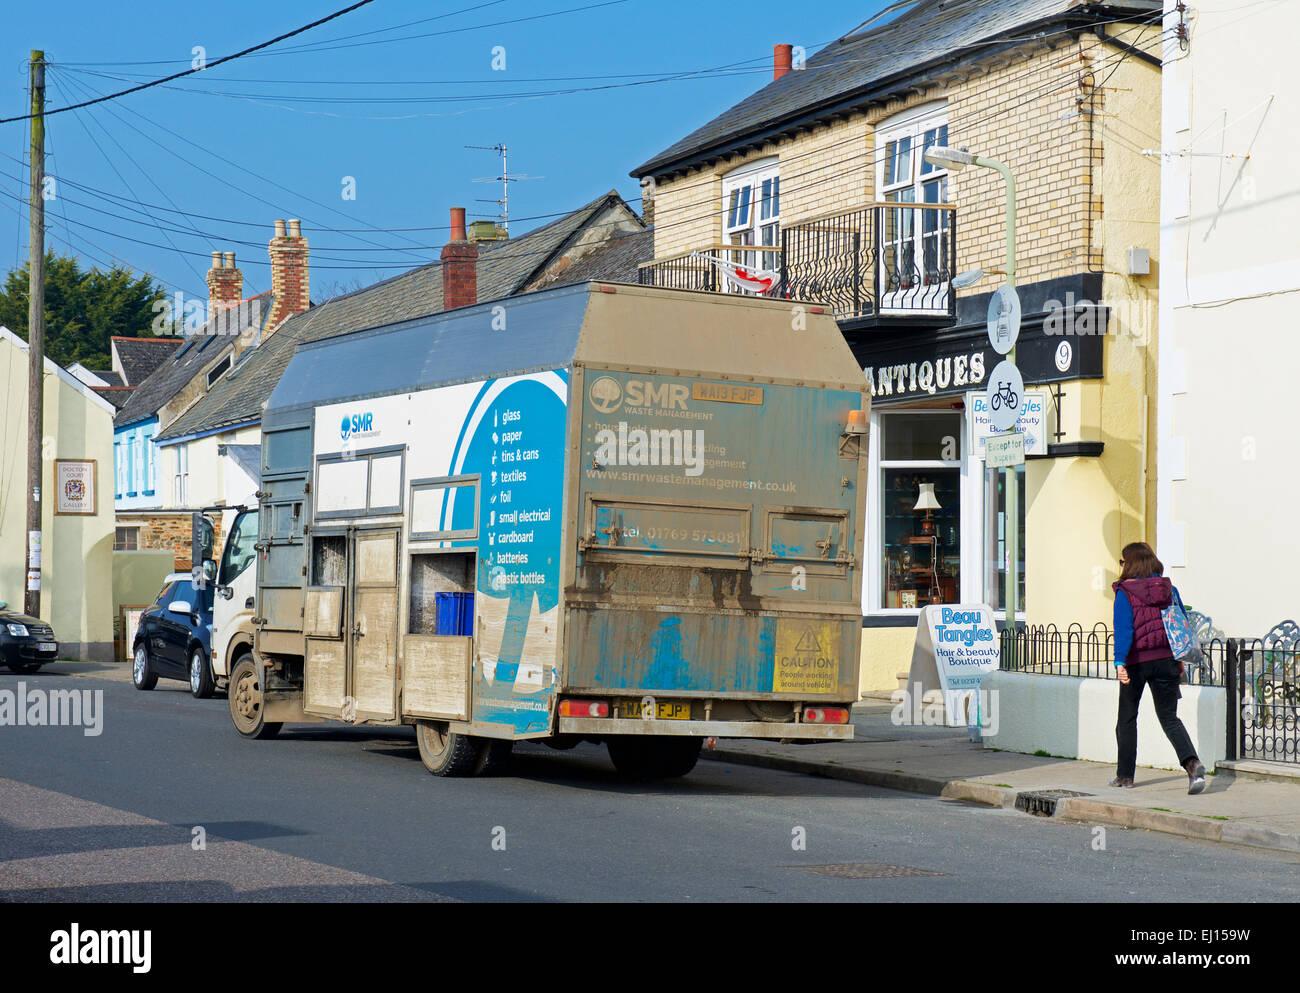 Recycling-van in Appledore, Devon. England-UK Stockbild